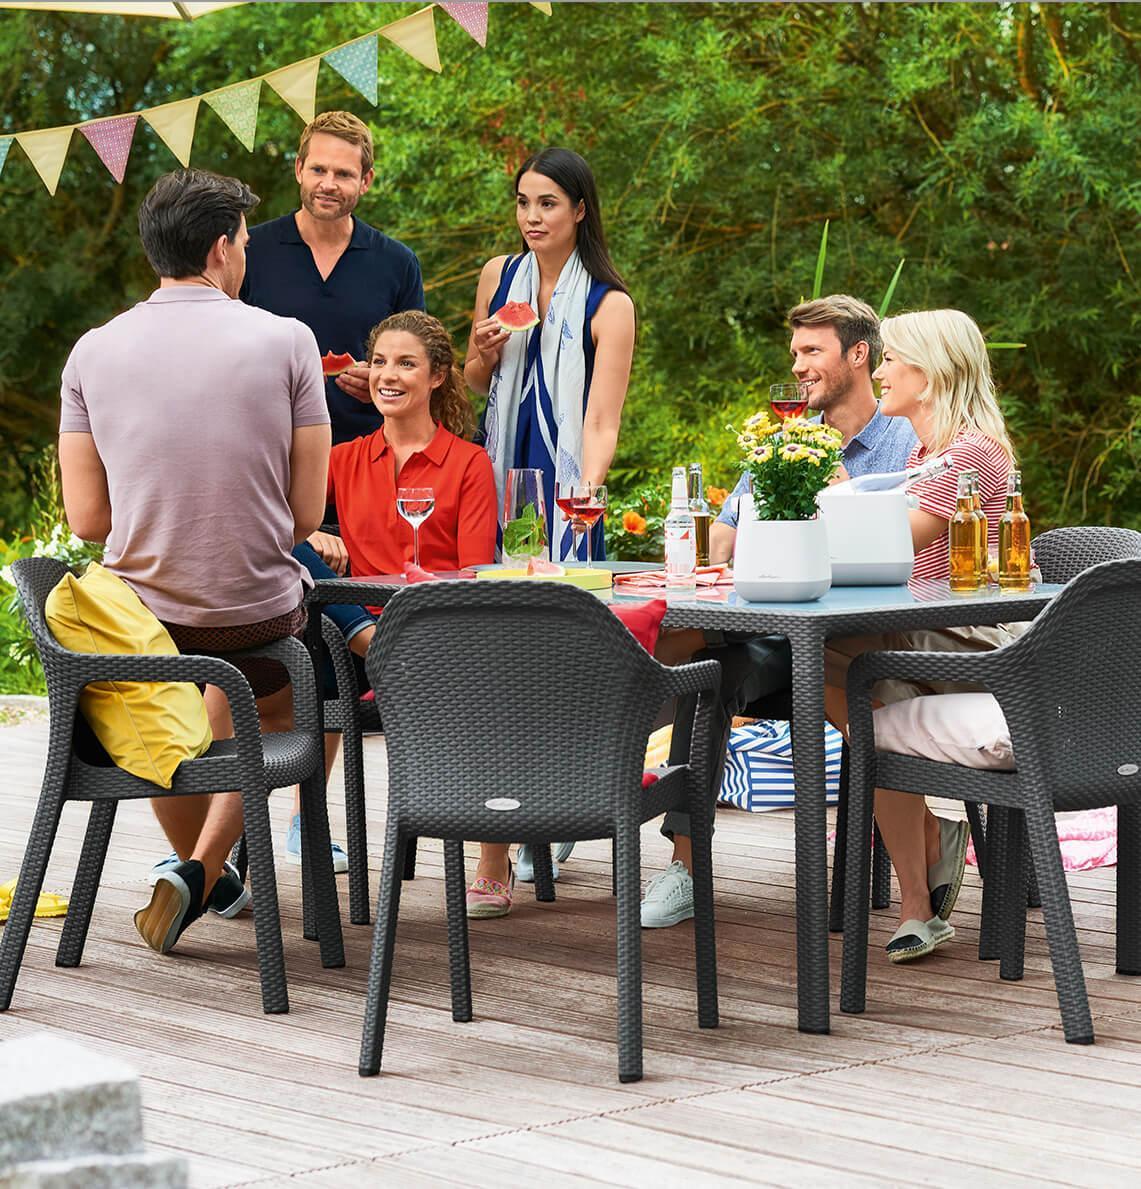 Los amigos celebran una fiesta en el jardín y se sientan cómodamente en la mesa